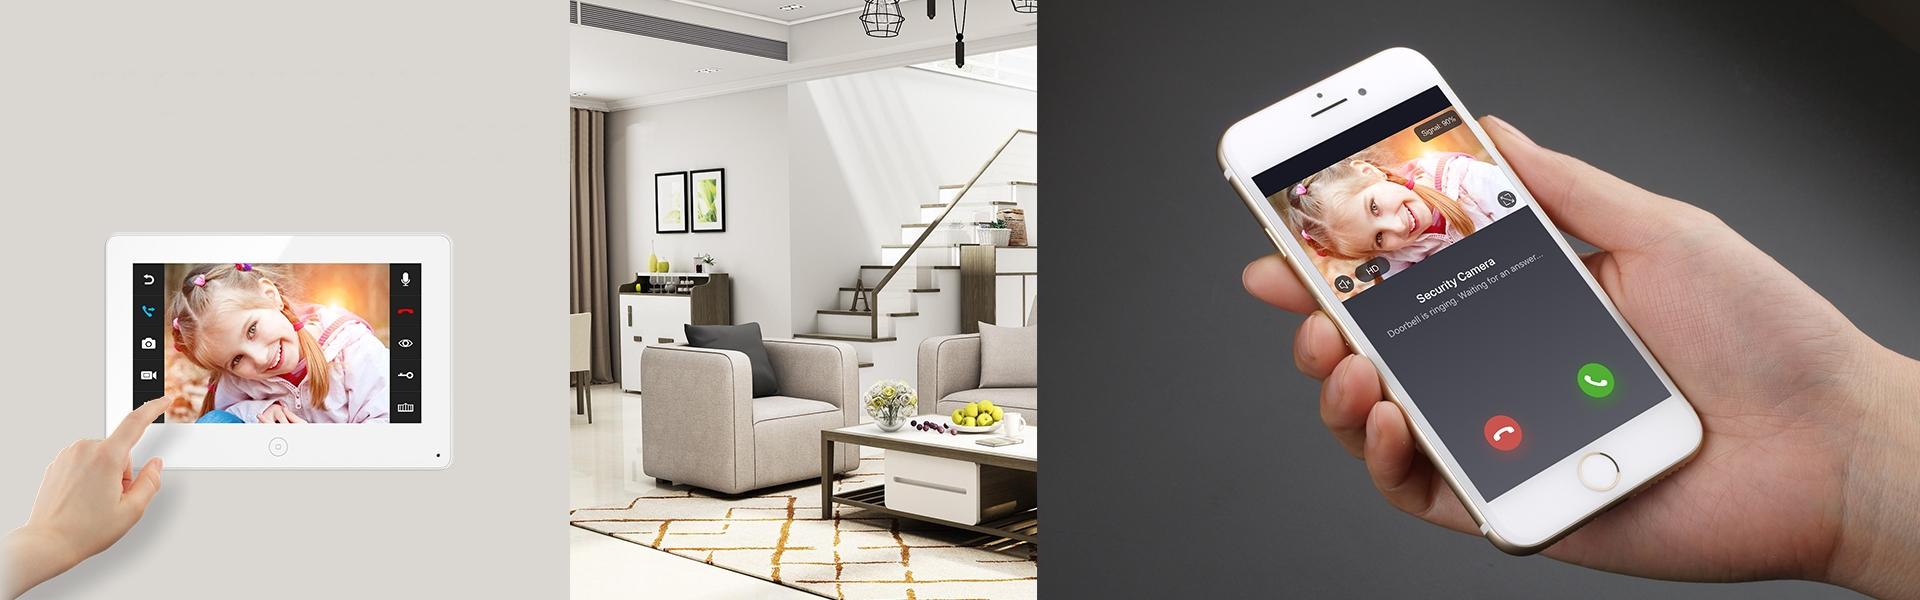 Видеодомофоны JVS со встроенным Wi-Fi модулем и записью происходящего по движению с возможностью доступа в архив записей с приложения.